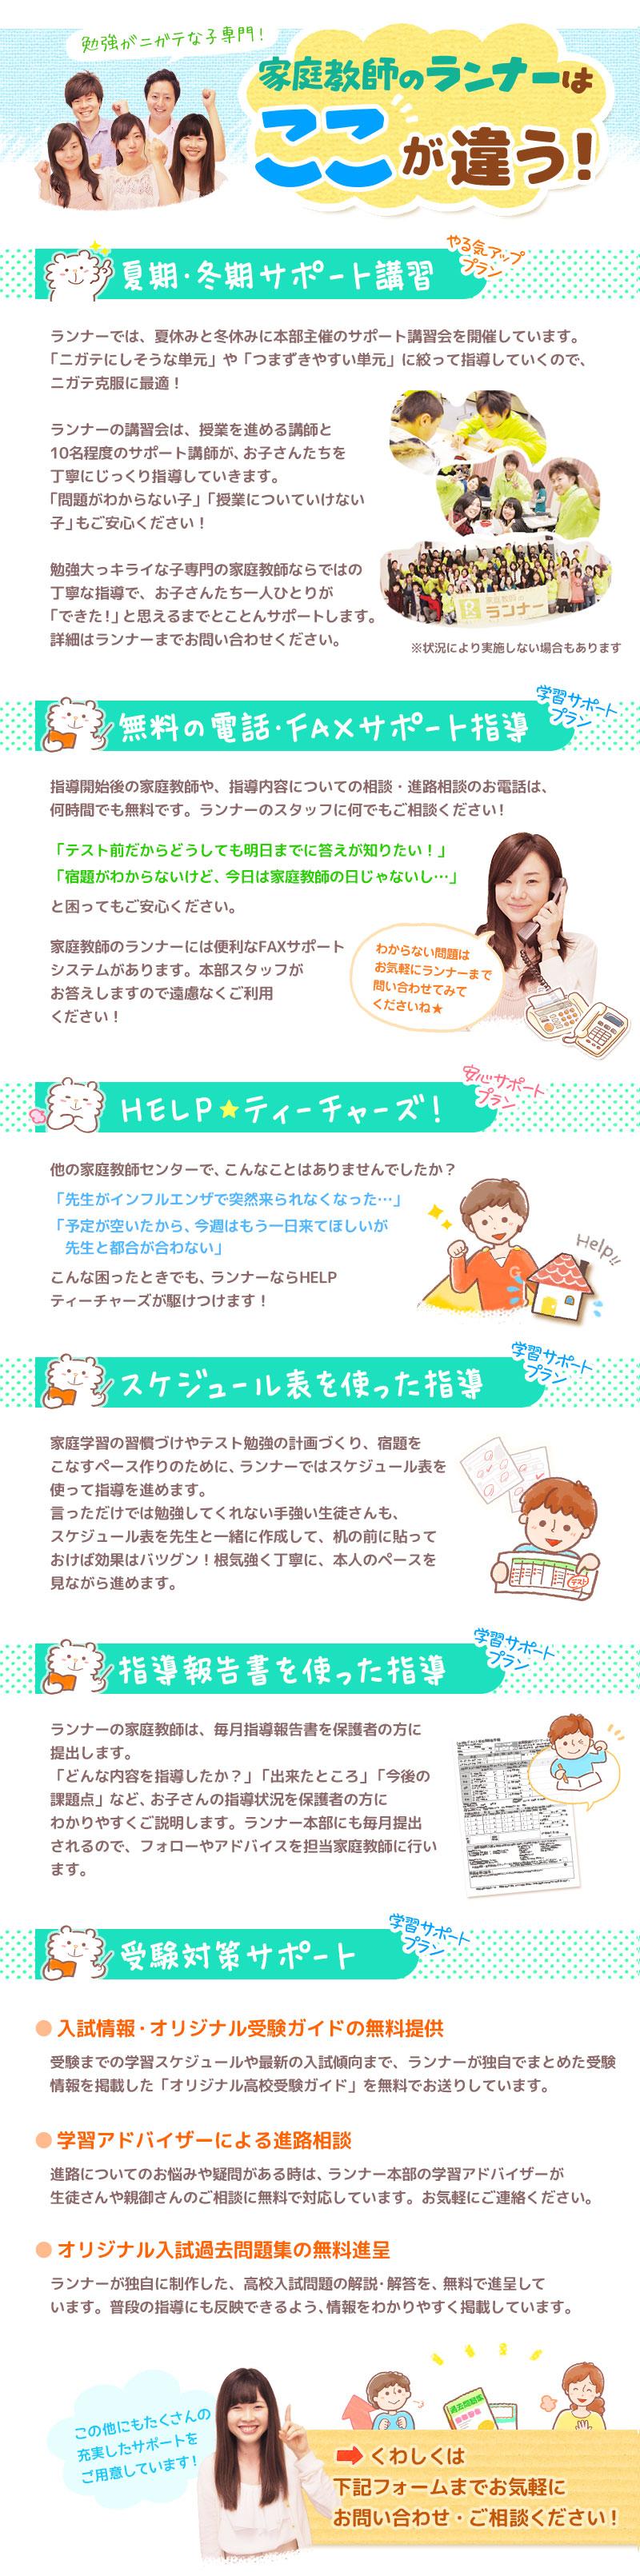 (熊本県のお客様のページ)家庭教師のランナーはここが違う!